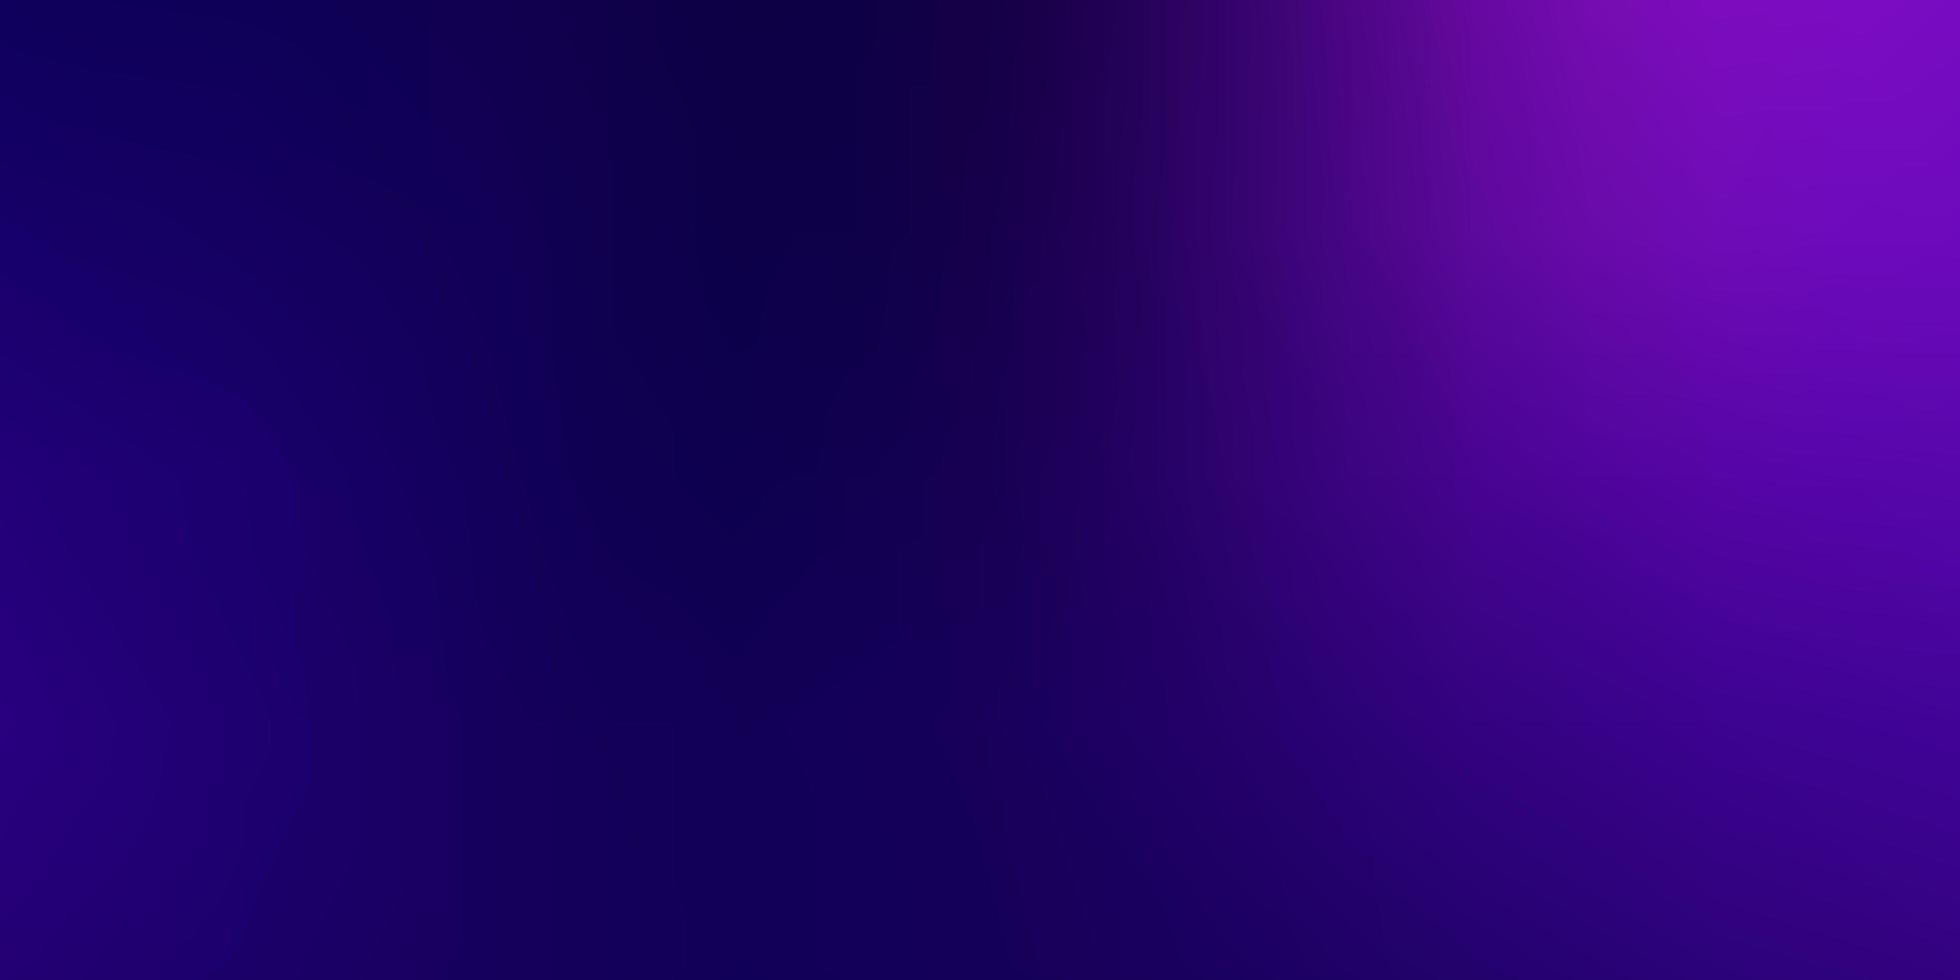 viola scuro, rosa vettoriale astratto sfondo sfocato.